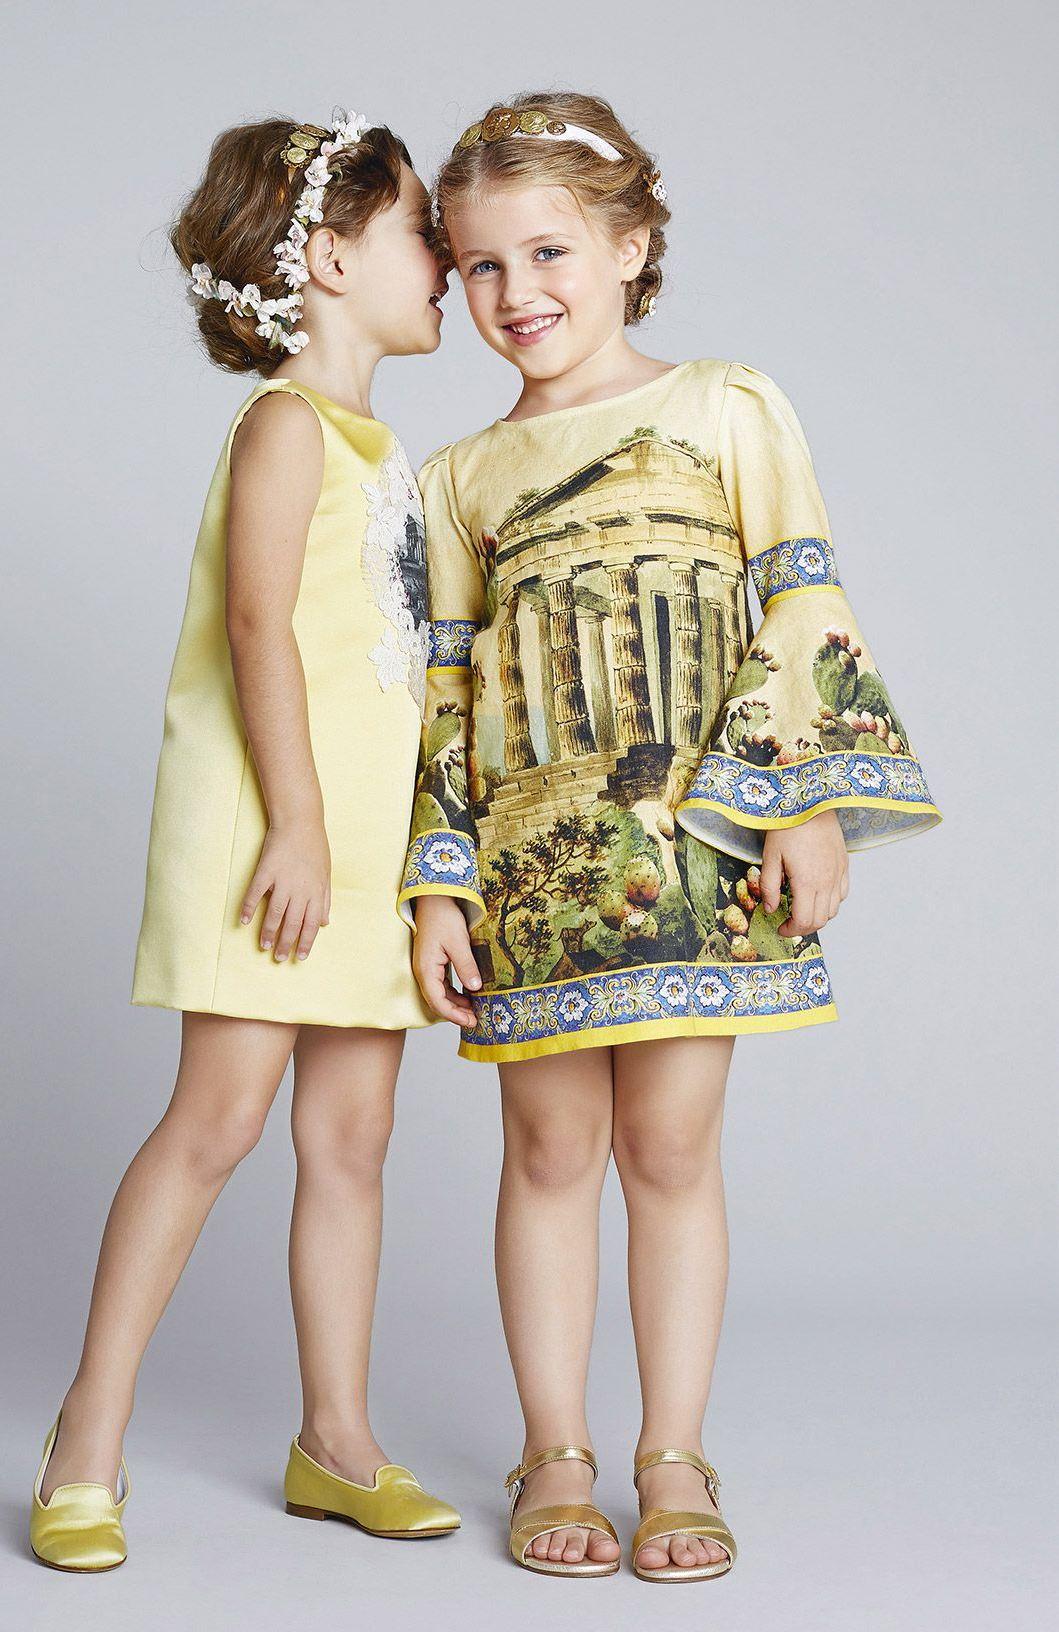 صورة فساتين اطفال شتوى , ملابس شتويه للاطفال 4535 9